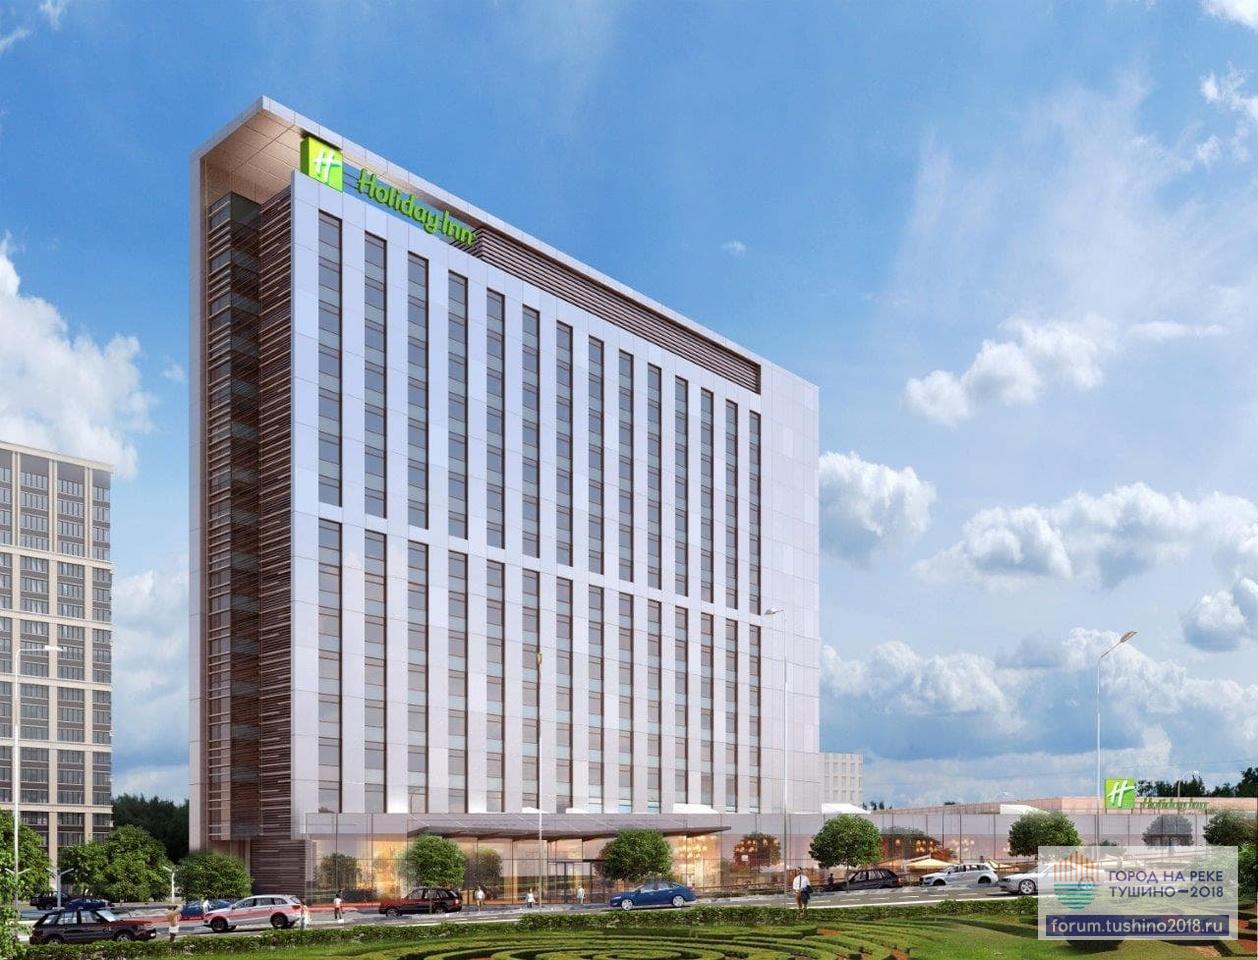 Здание гостиницы будет возведено вдоль Волоколамского шоссе, естественным образом отделяя жилые кварталы от большого города.